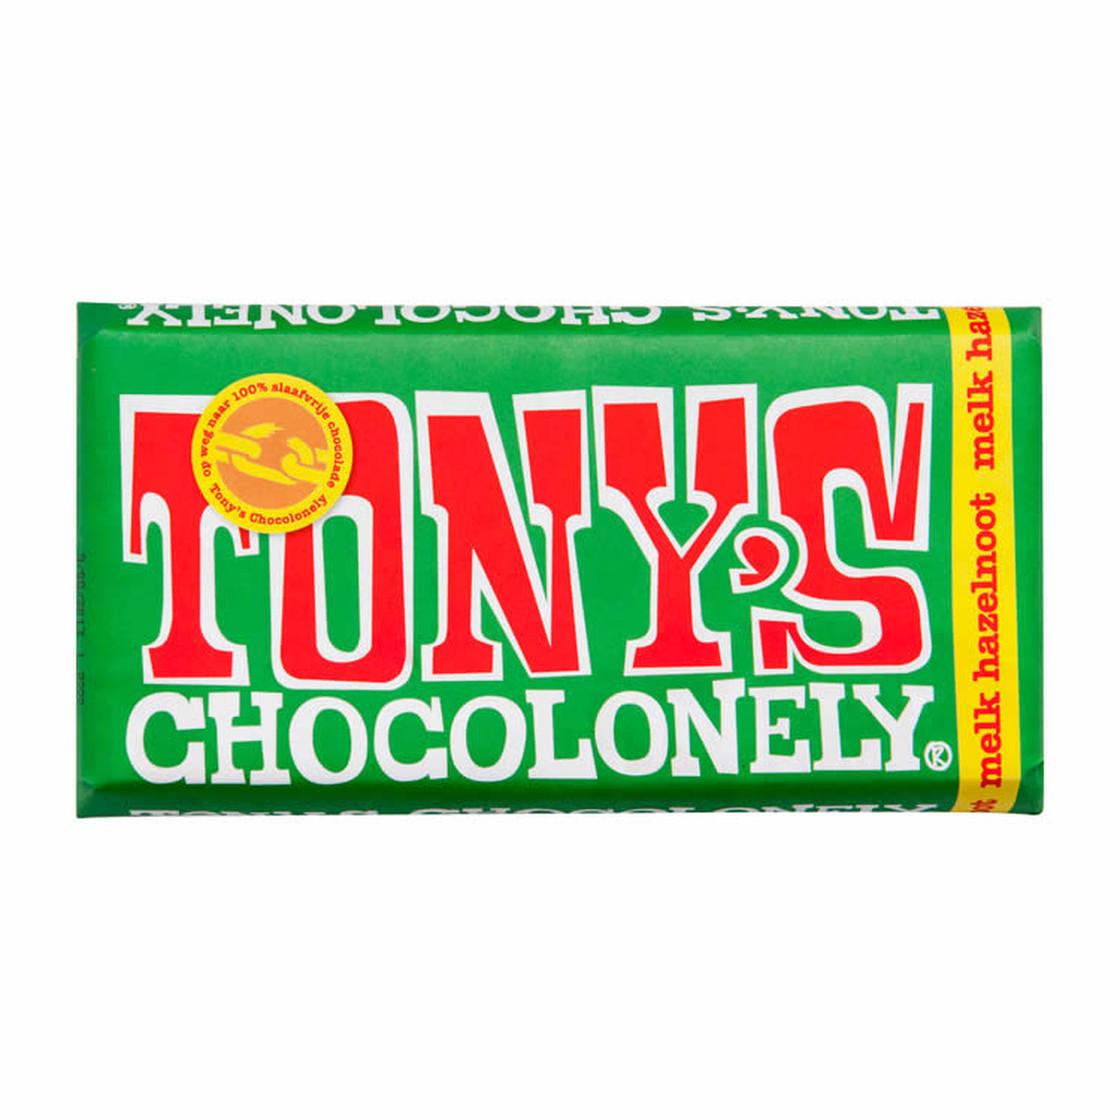 Tony's Milk Hazelnut